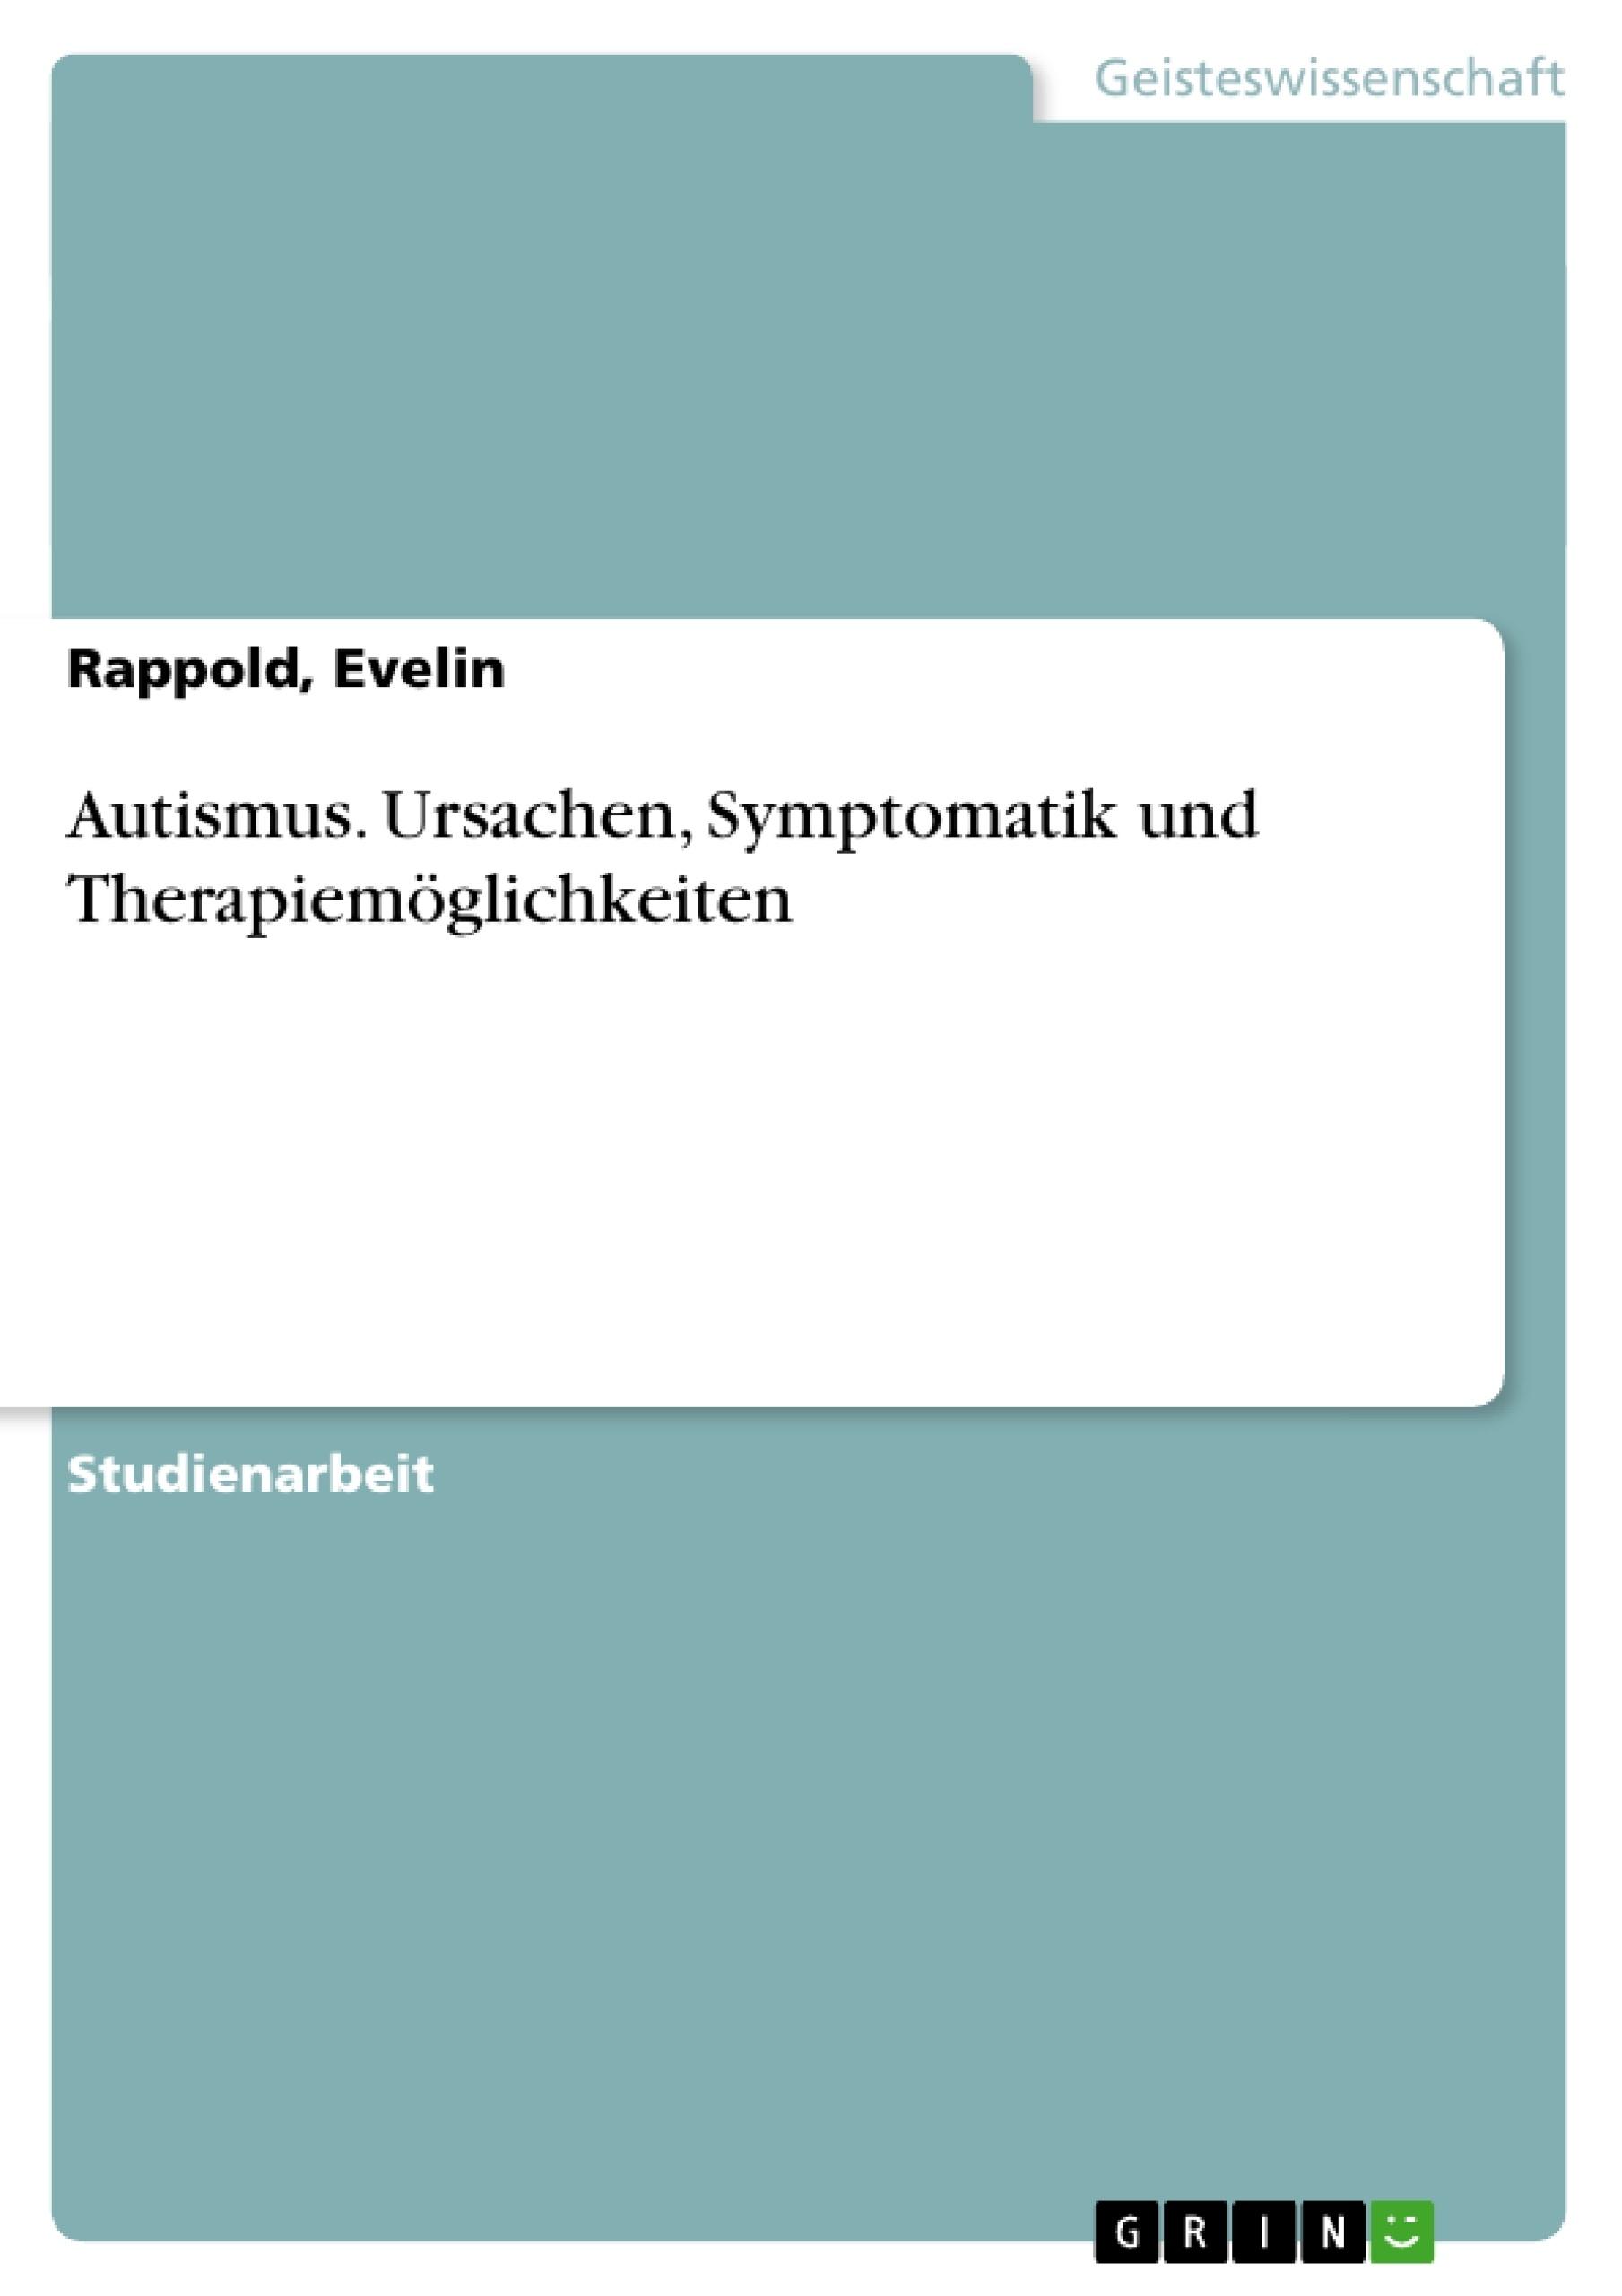 Titel: Autismus. Ursachen, Symptomatik und Therapiemöglichkeiten